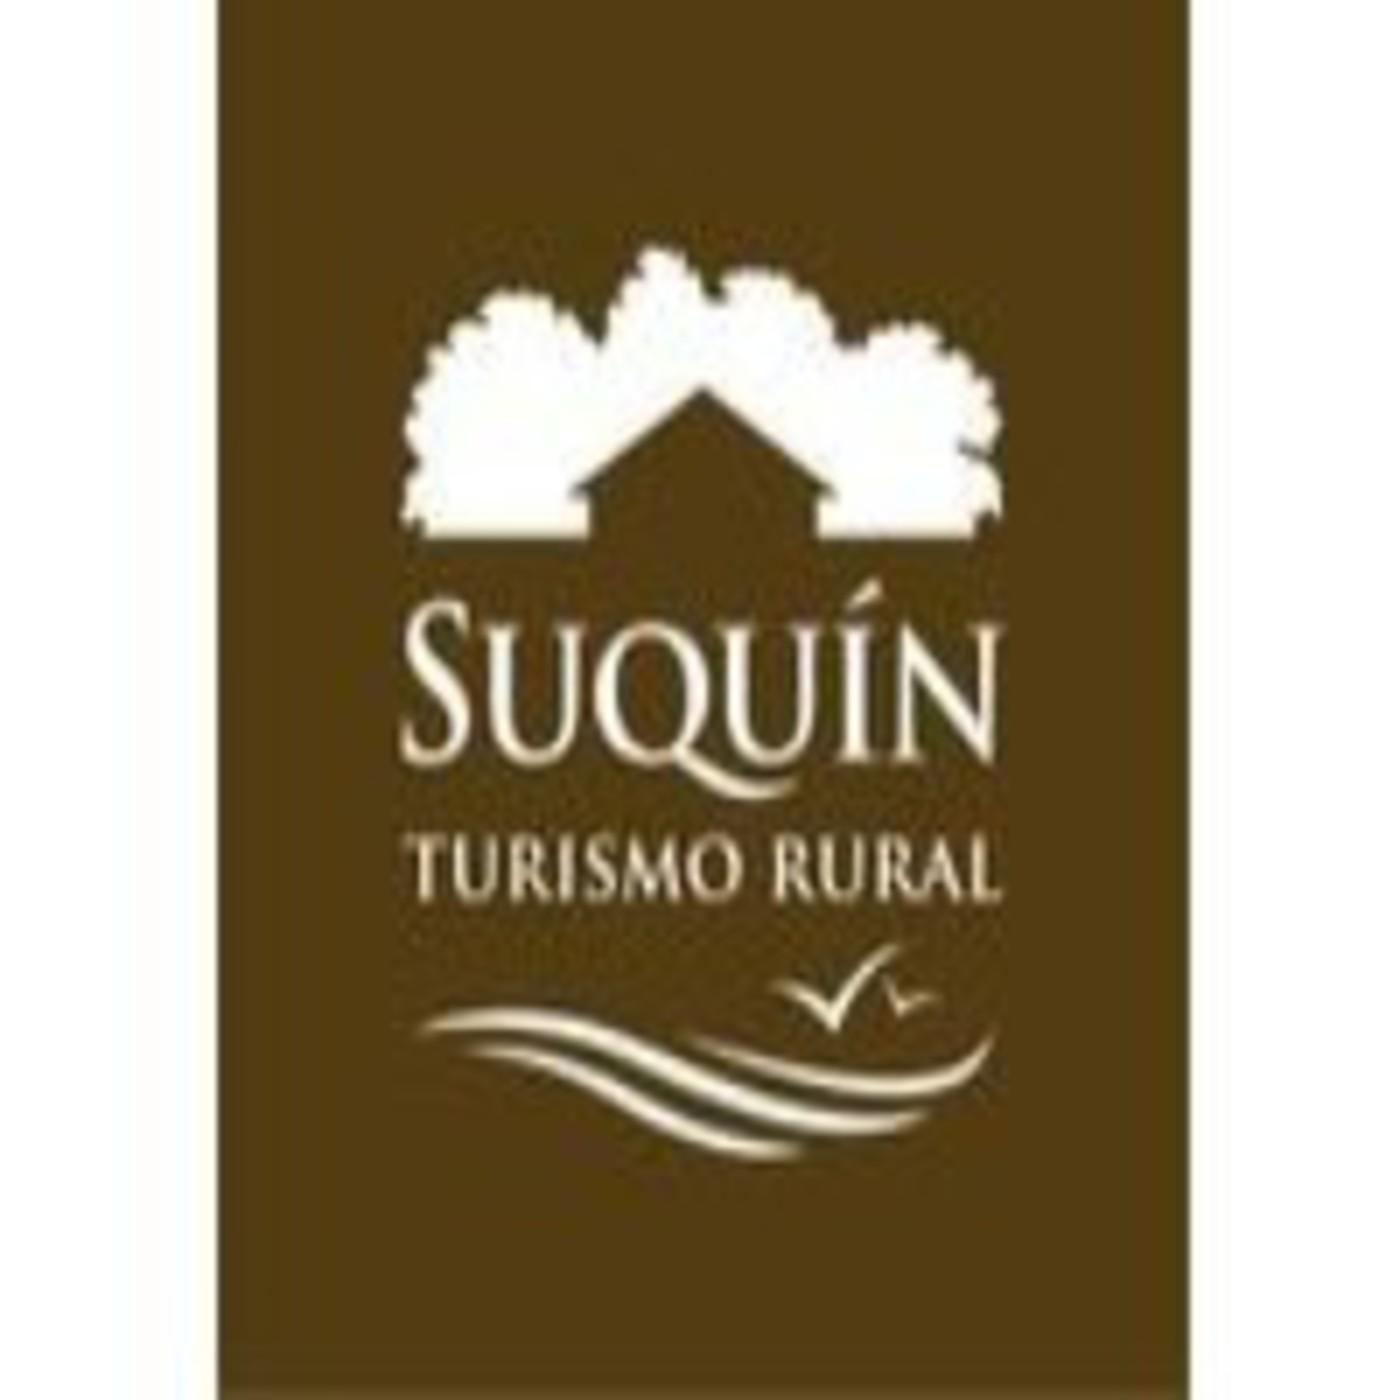 <![CDATA[Turismo Rural Suquin]]>